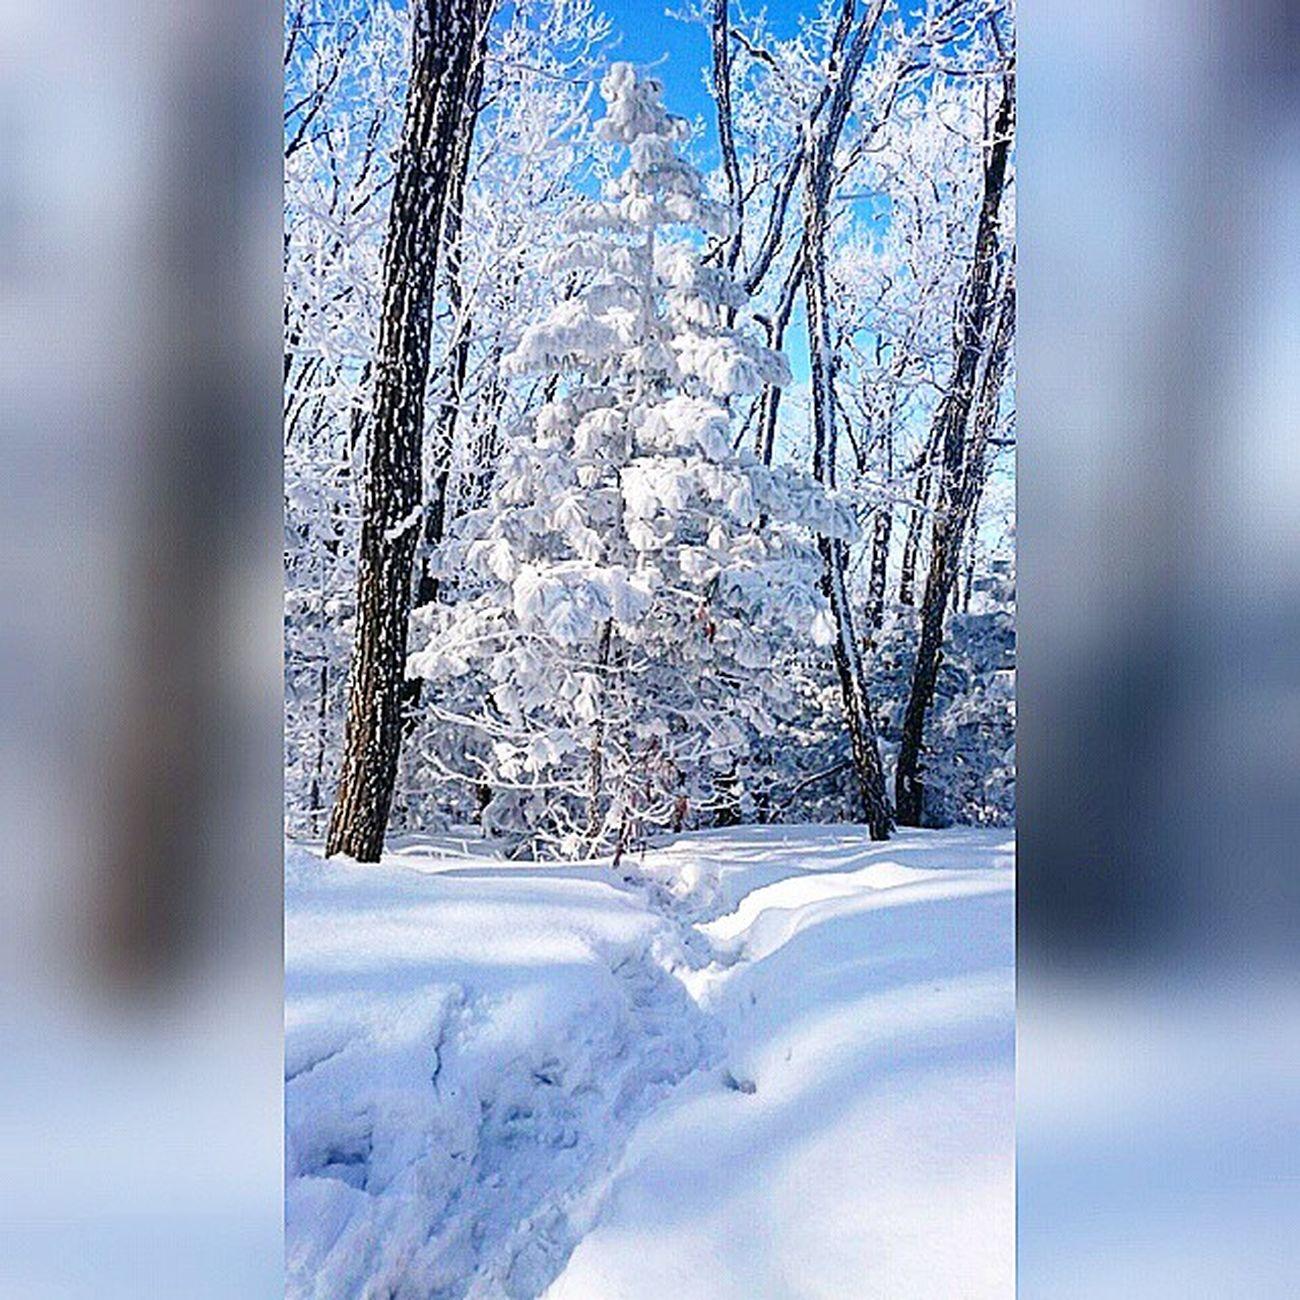 ловите_заключительные_моменты_зимней_сказки